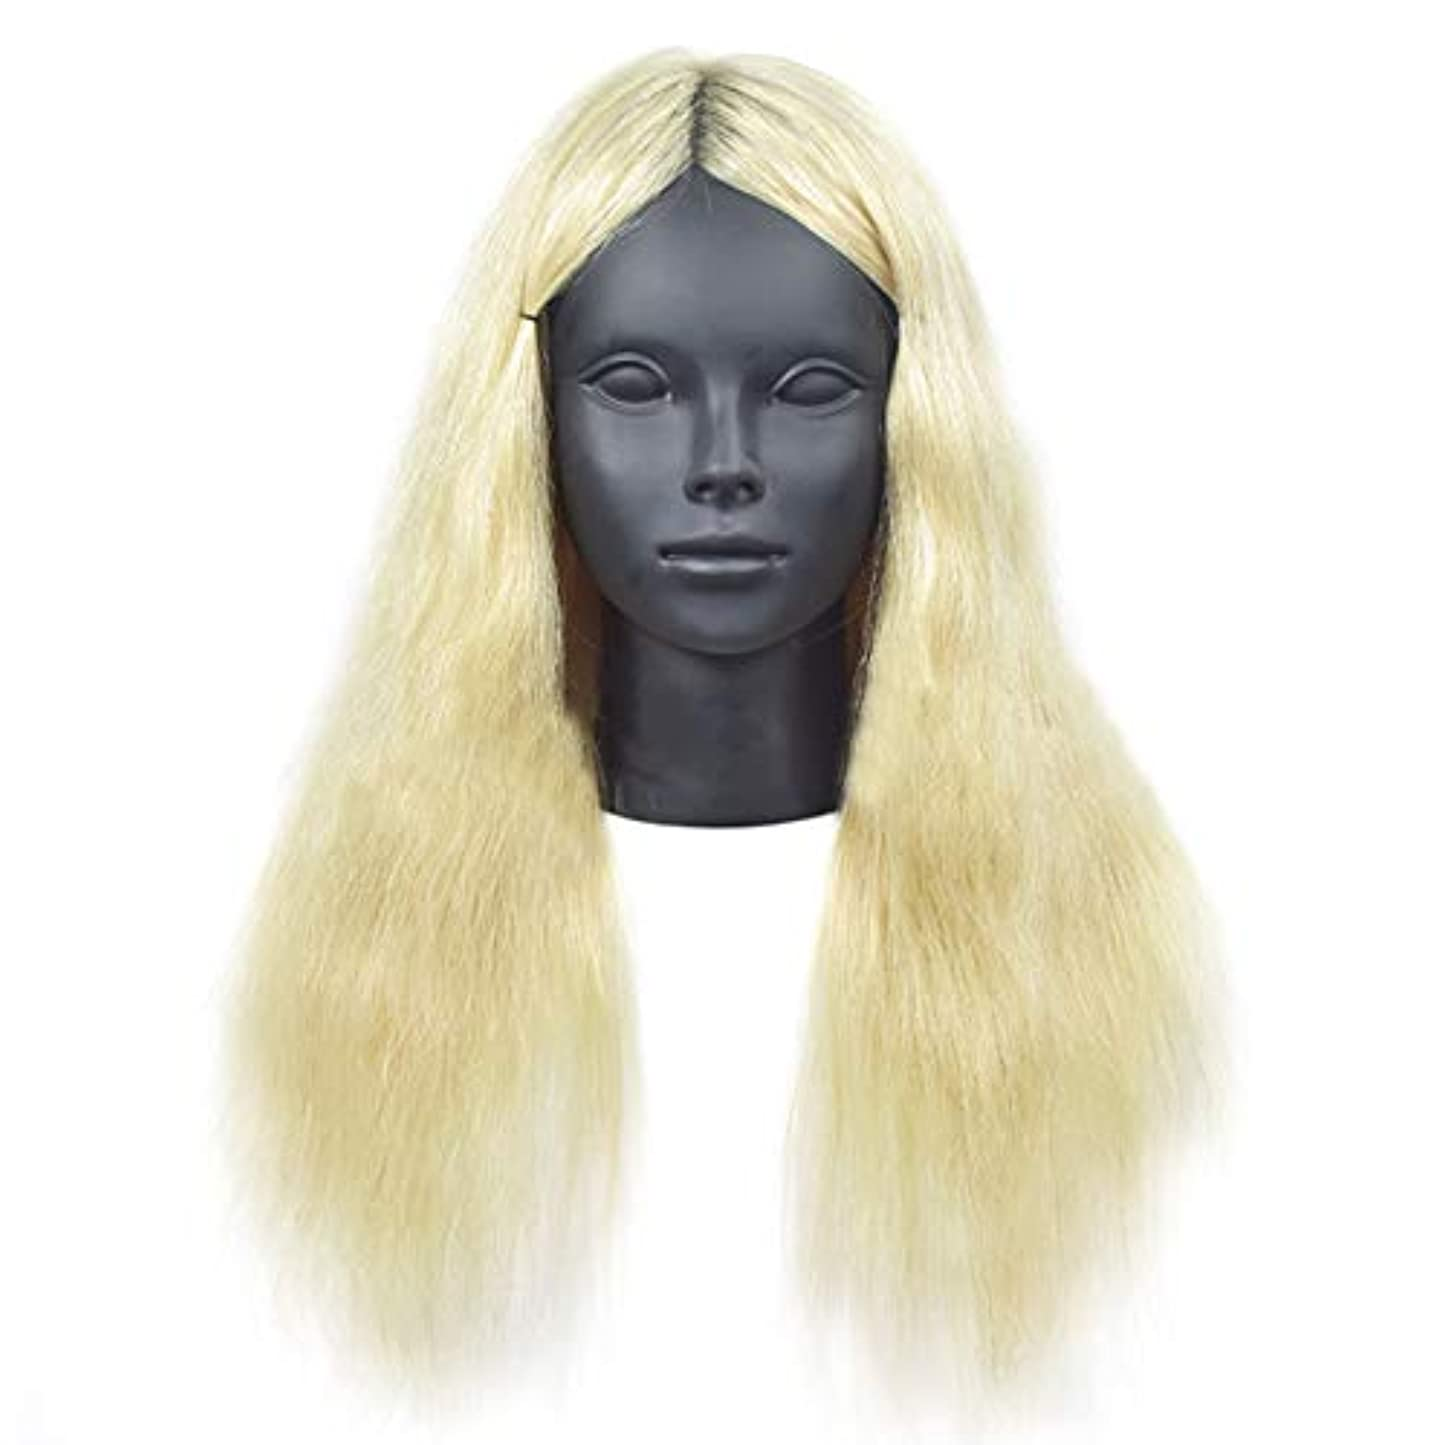 王位機関車アマゾンジャングルリアル人間の髪教育ヘッドパーマ髪織り髪モデル髪染め理髪ダミーヘッド学校教育ヘッドモデル